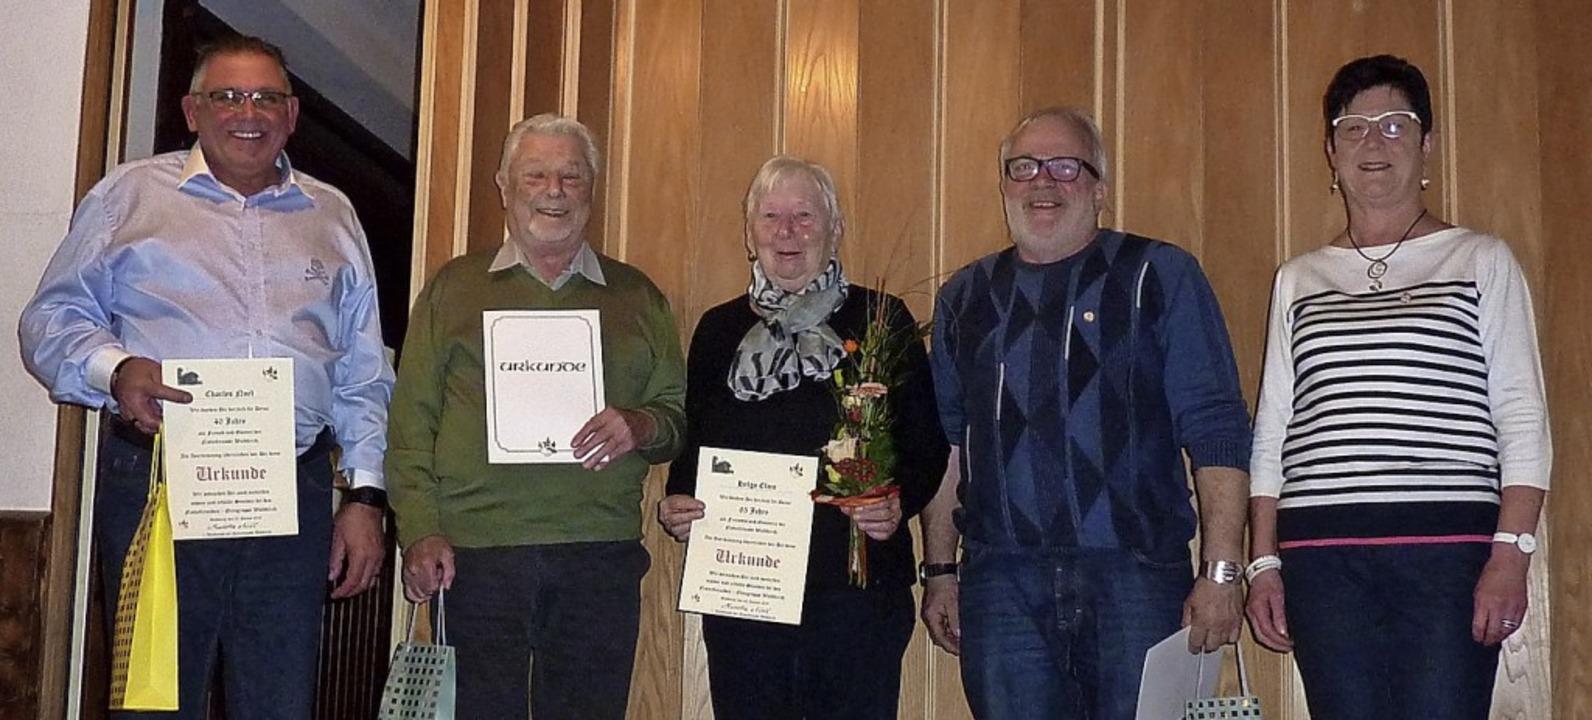 Die Geehrten bei der Hauptversammlung der Naturfreunde   | Foto: Verein